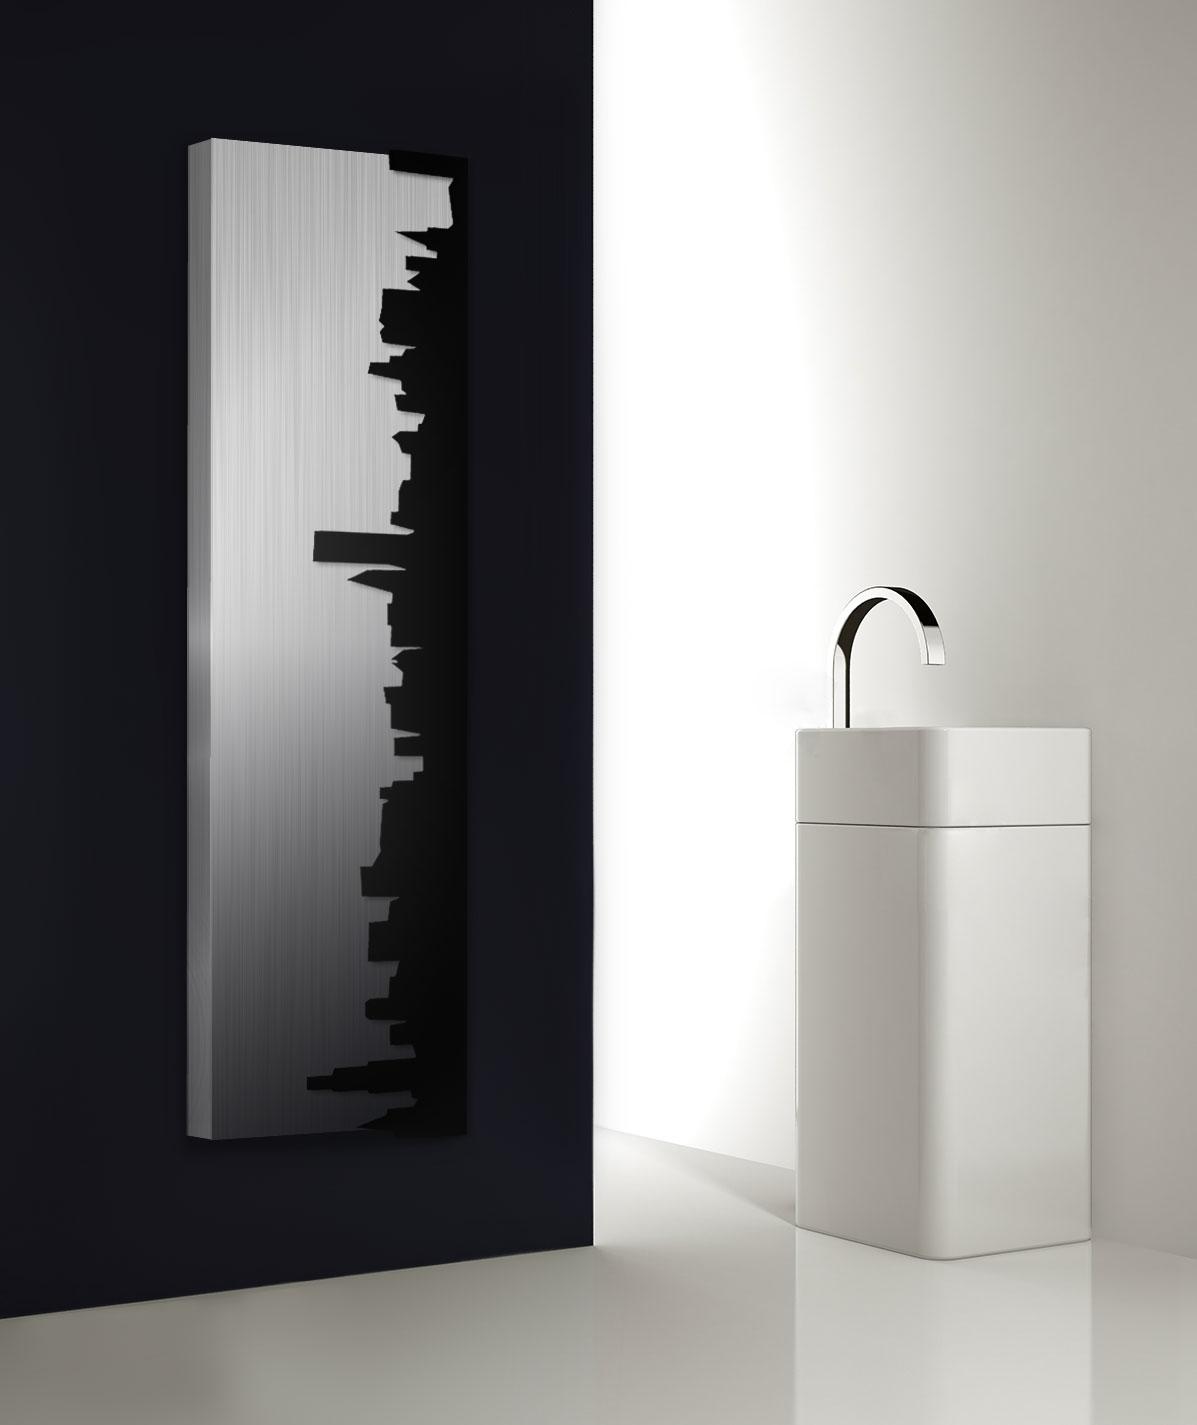 Skyline ist Ein tolle Wohnzimmer Vertikale Design Heizkörper